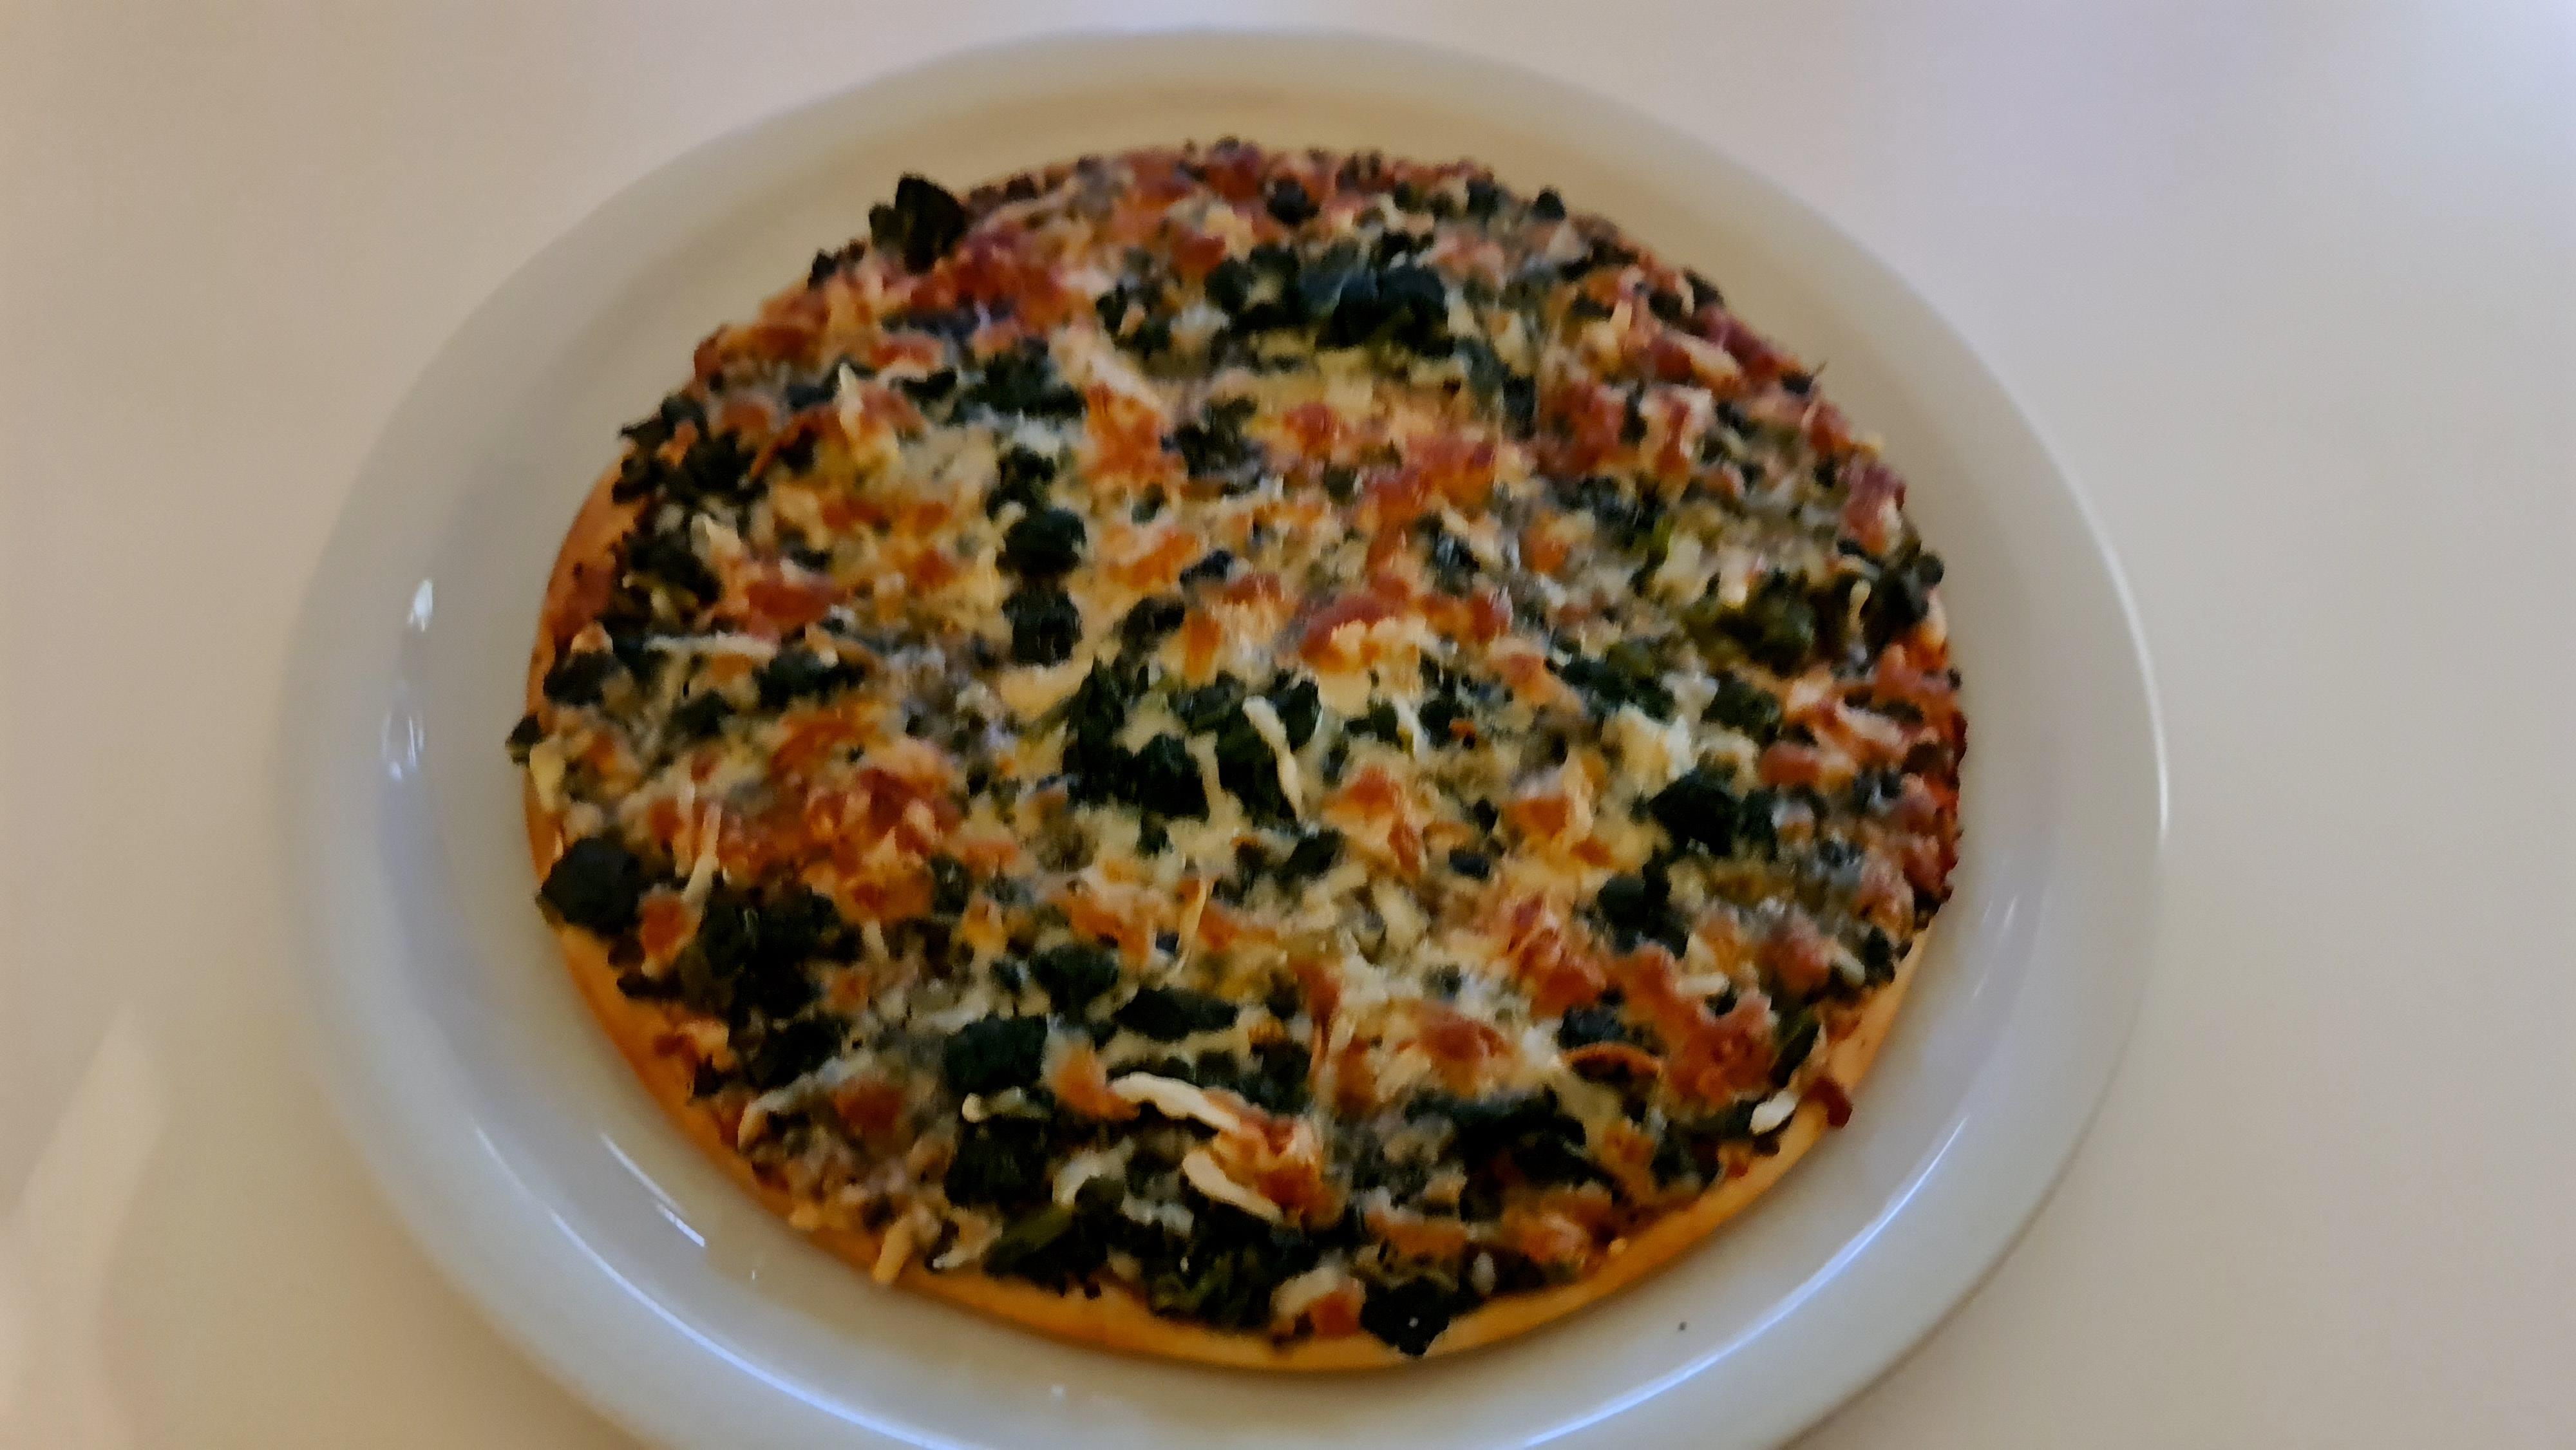 https://foodloader.net/Holz_2020-10-29_Pizza.jpg